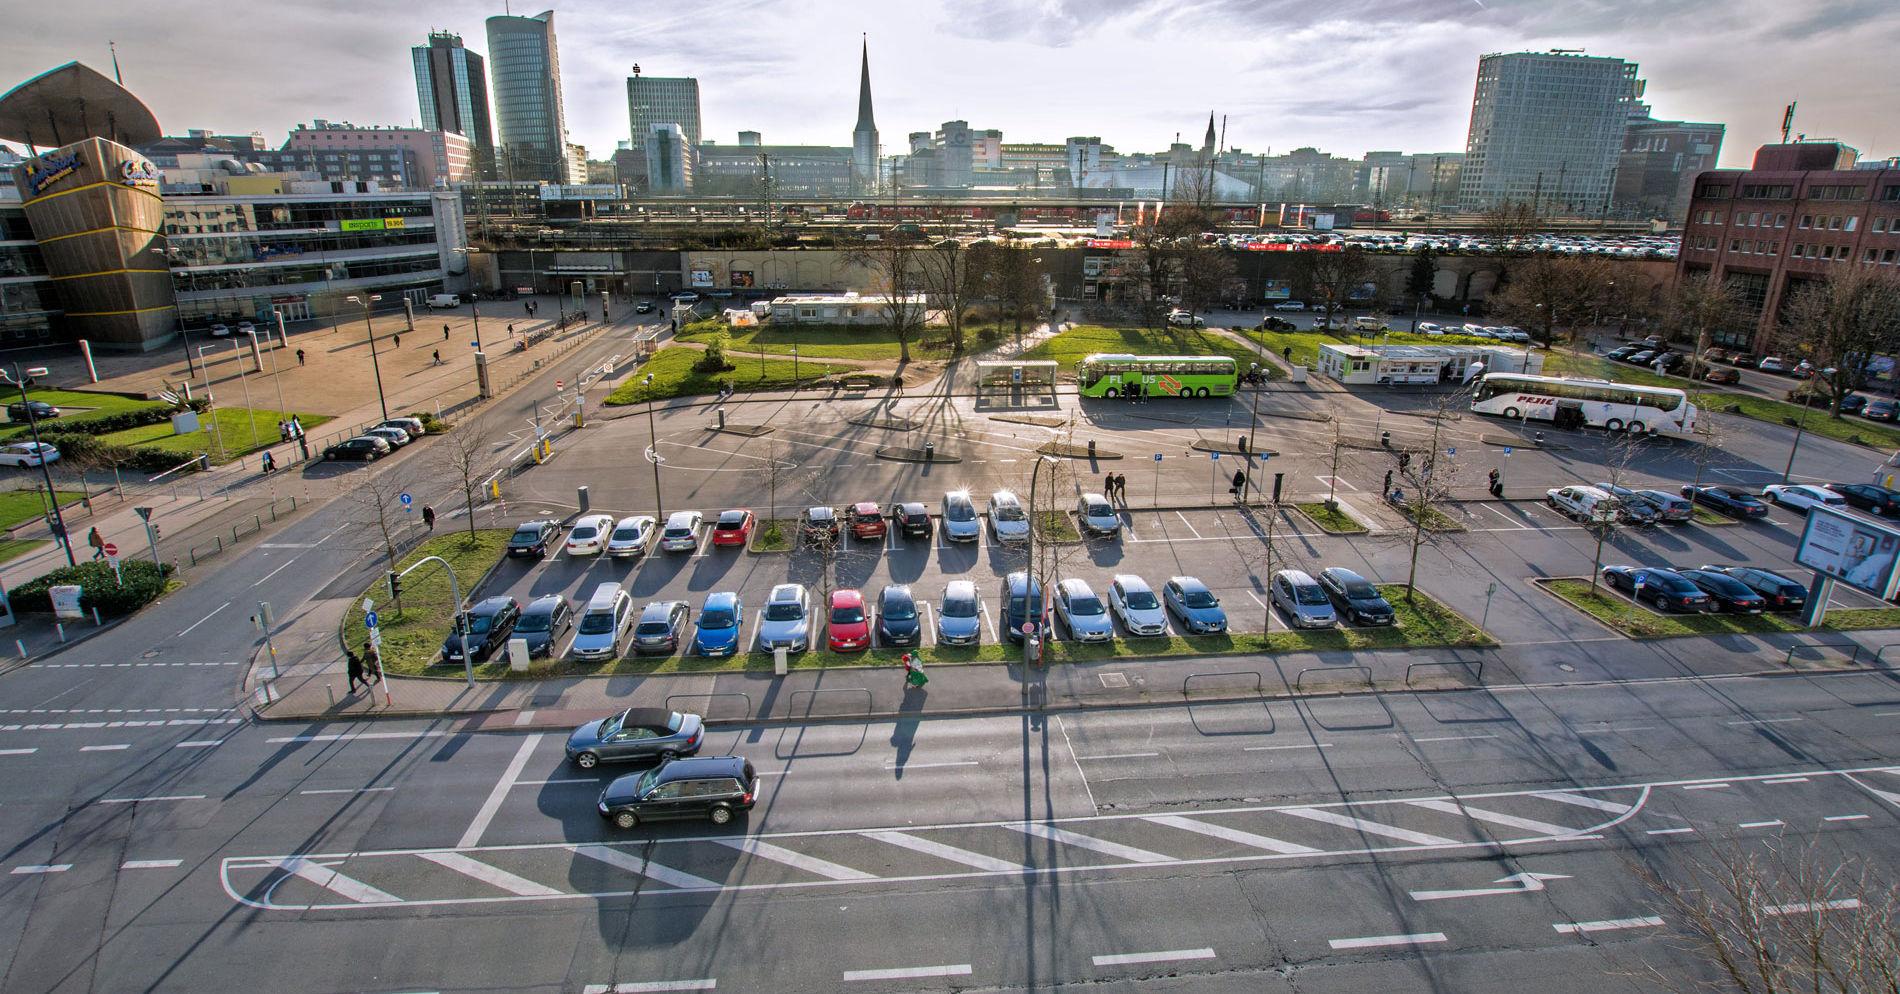 Günstig Parken In Dortmund